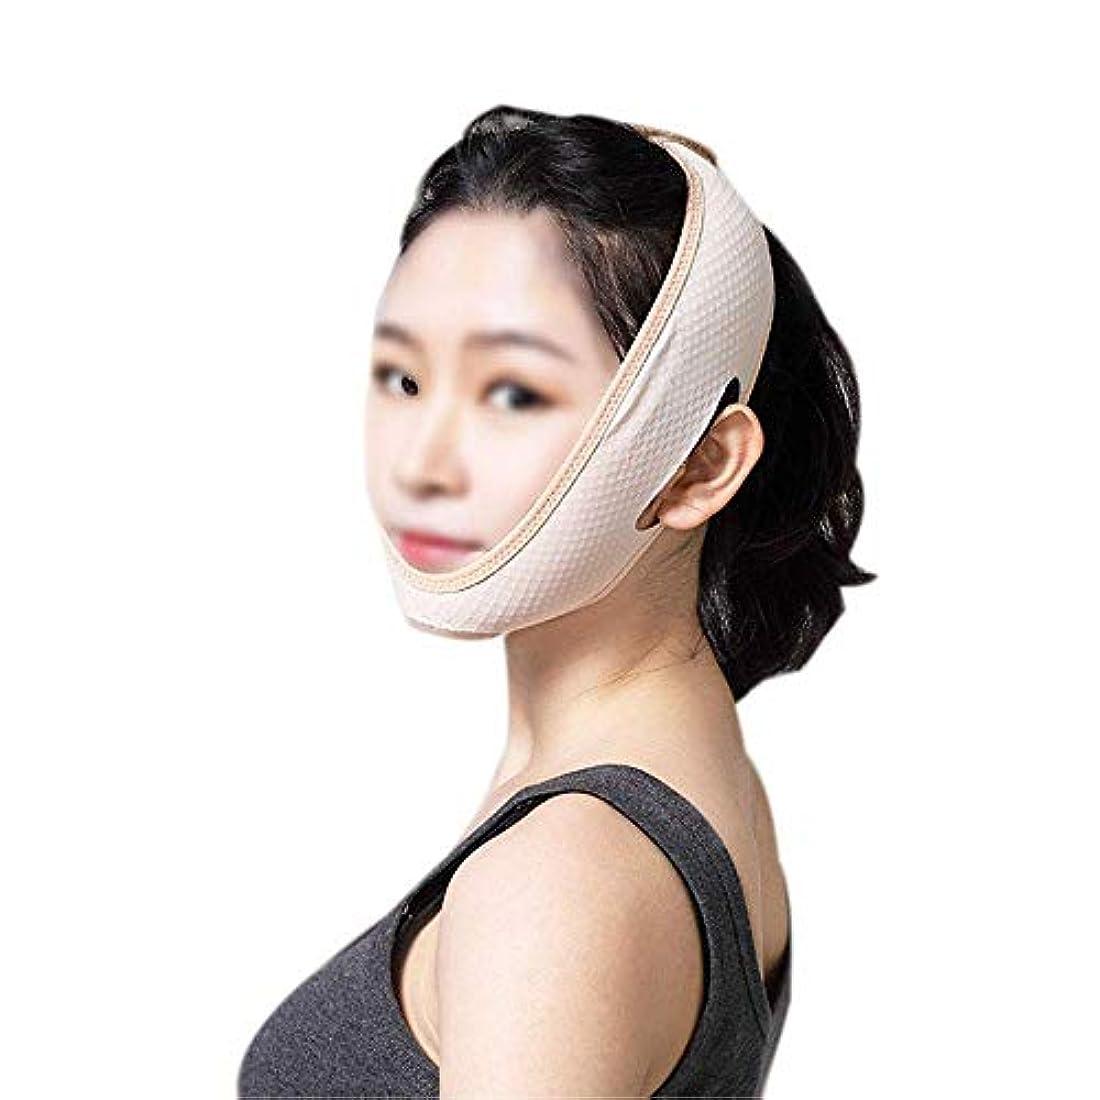 厳抽象化症状フェイスリフティングバンデージ、肌の引き締めを強化する薄いフェイスマスクの睡眠、ダブルチンマスクの削減